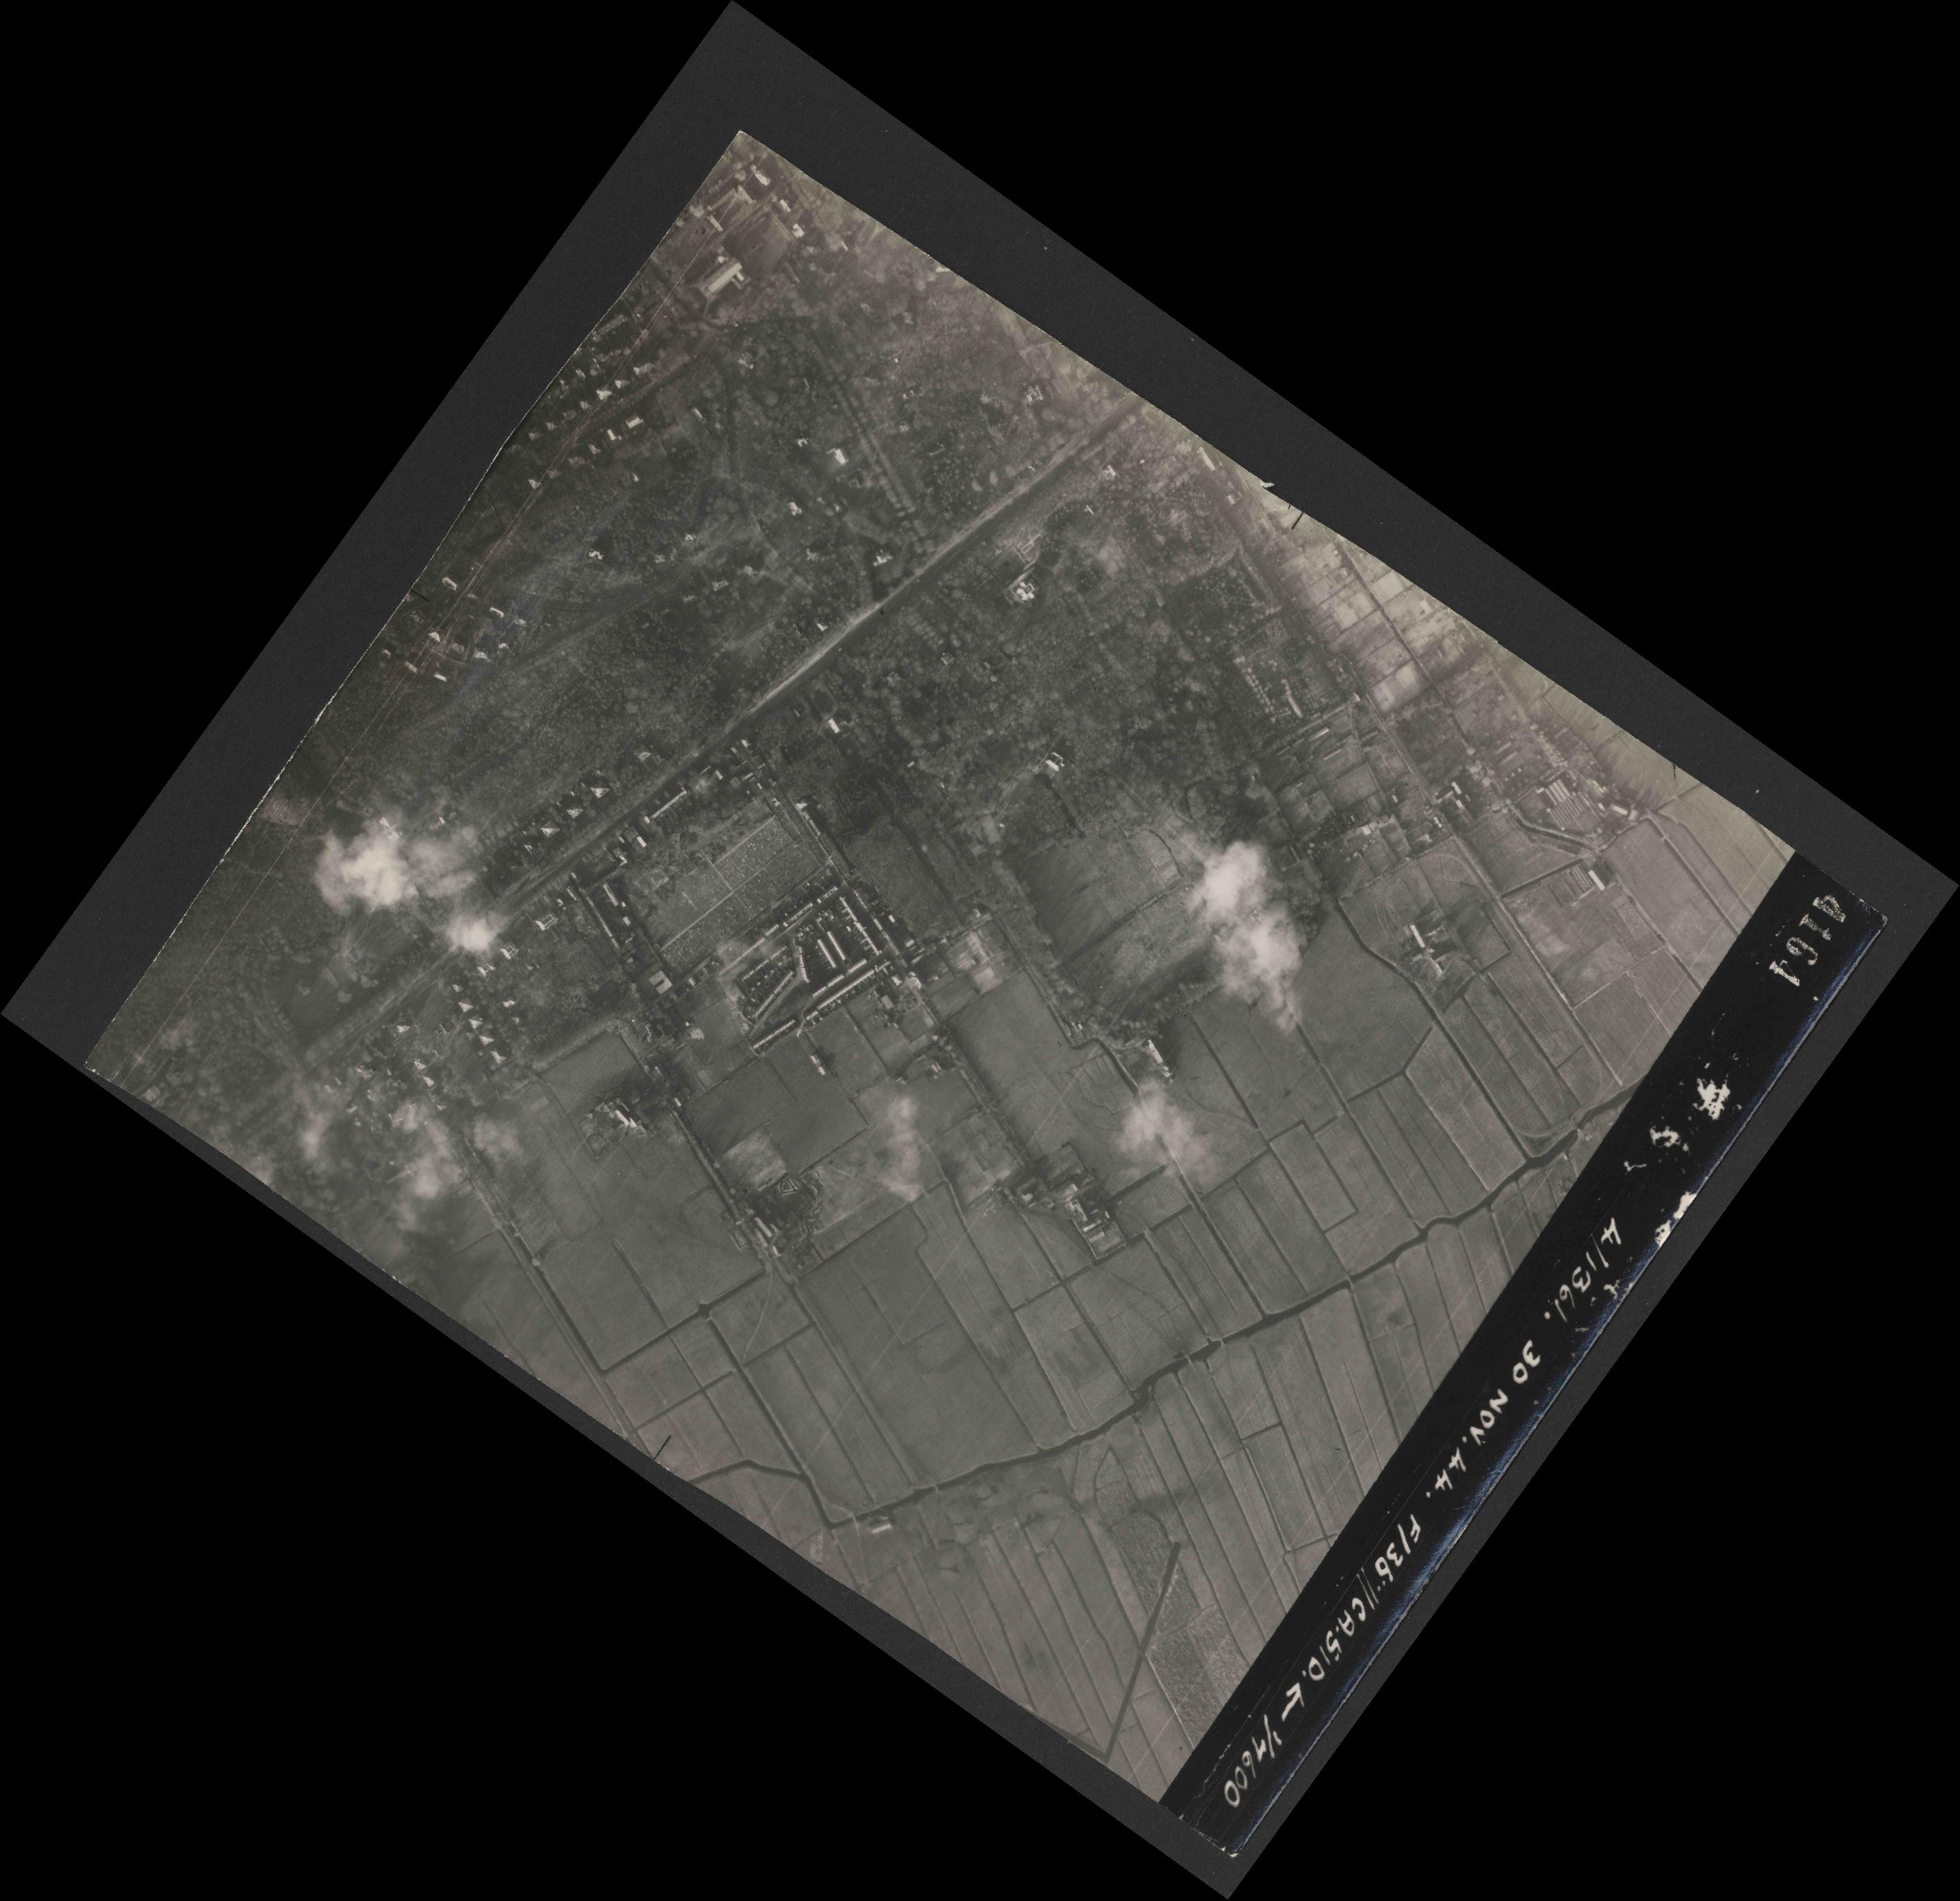 Collection RAF aerial photos 1940-1945 - flight 151, run 04, photo 4164